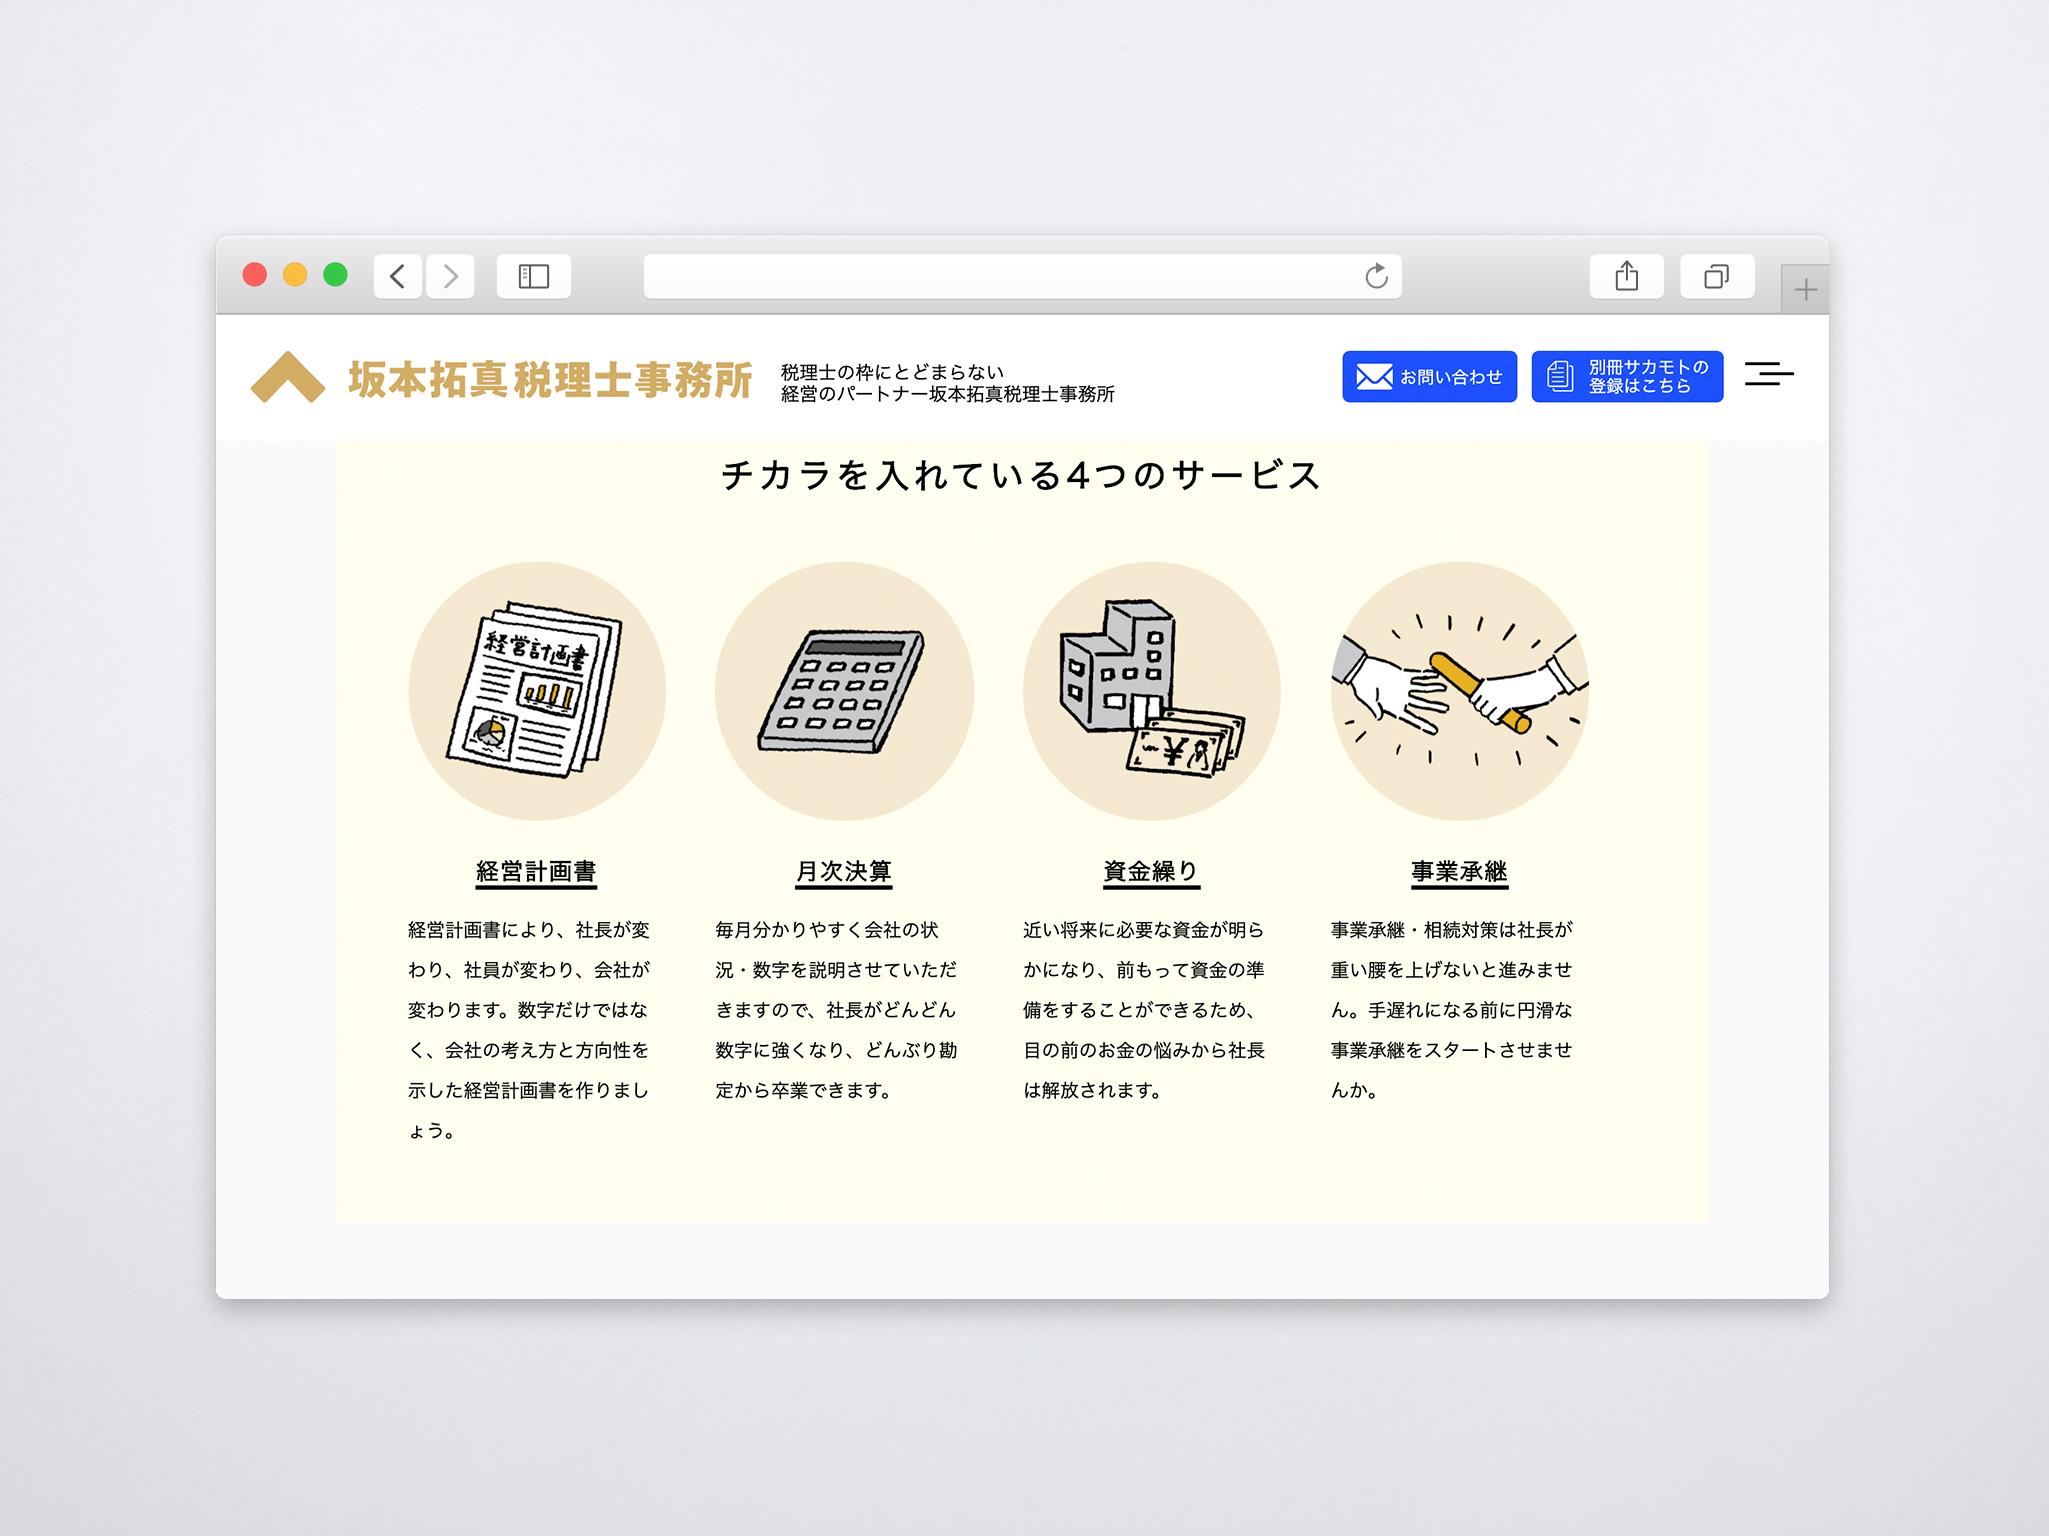 名古屋 ブランディング 坂本拓真税理士事務所